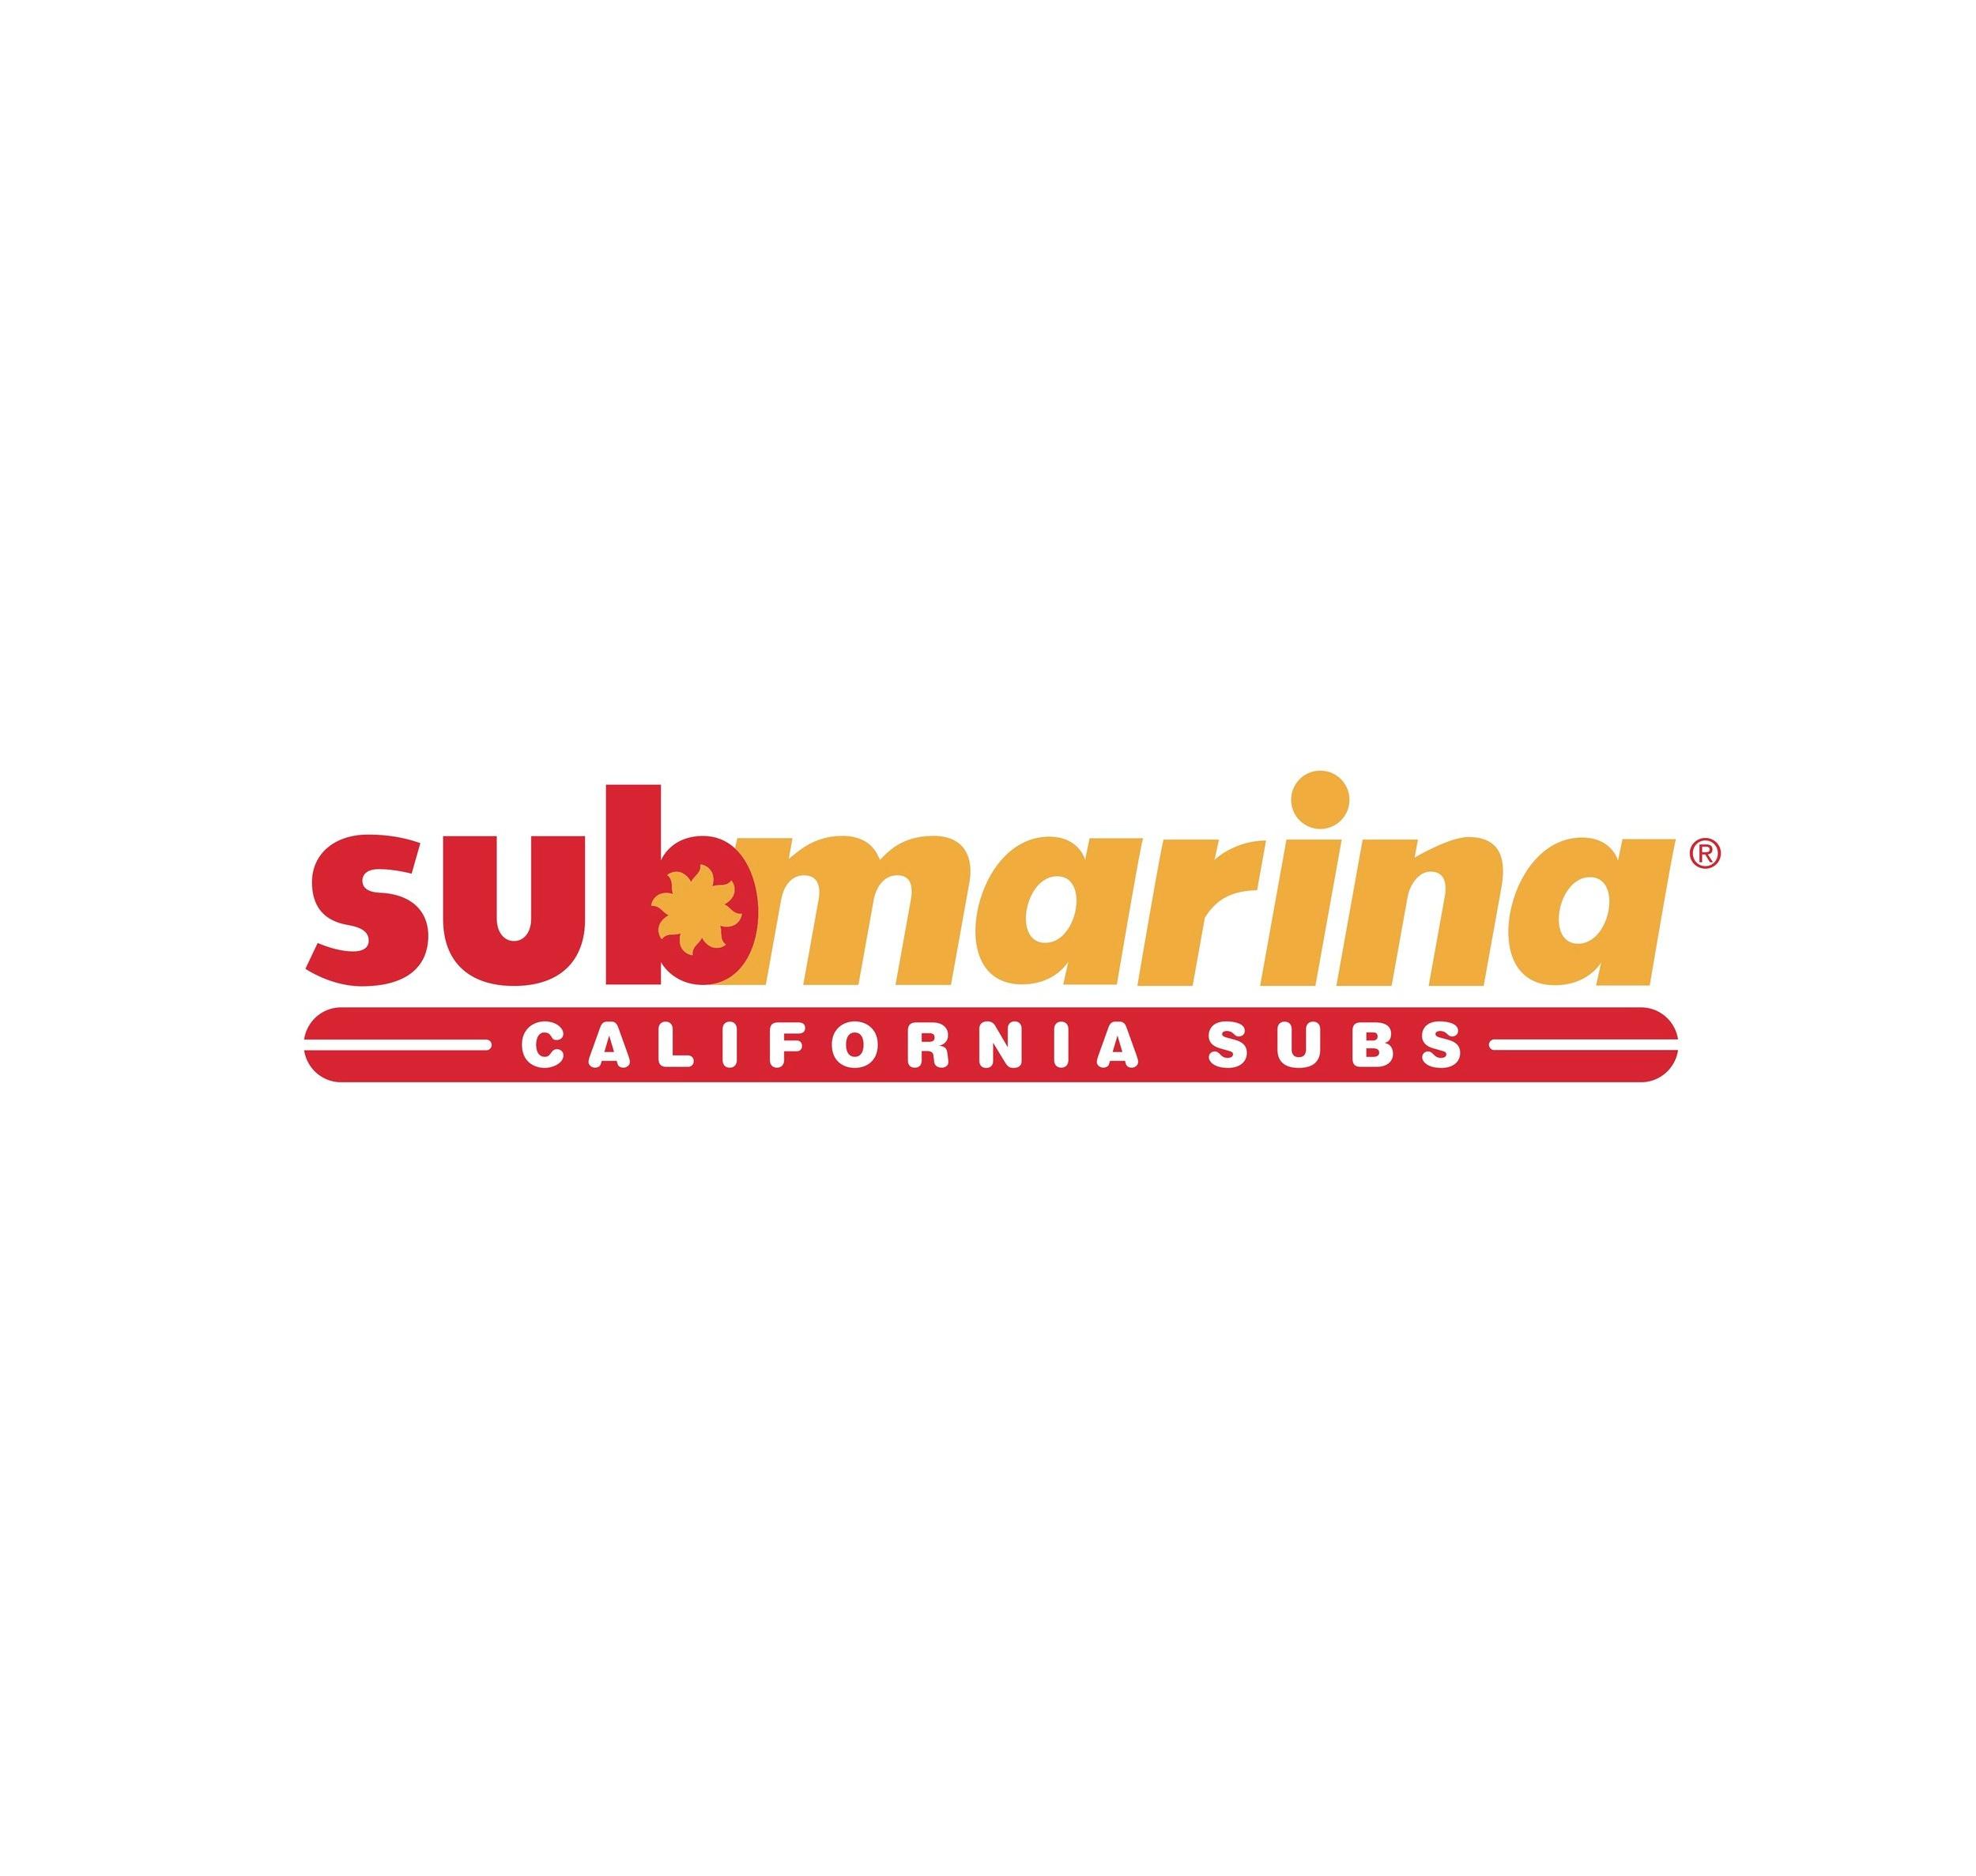 SUB_logo_2c_PC.jpg